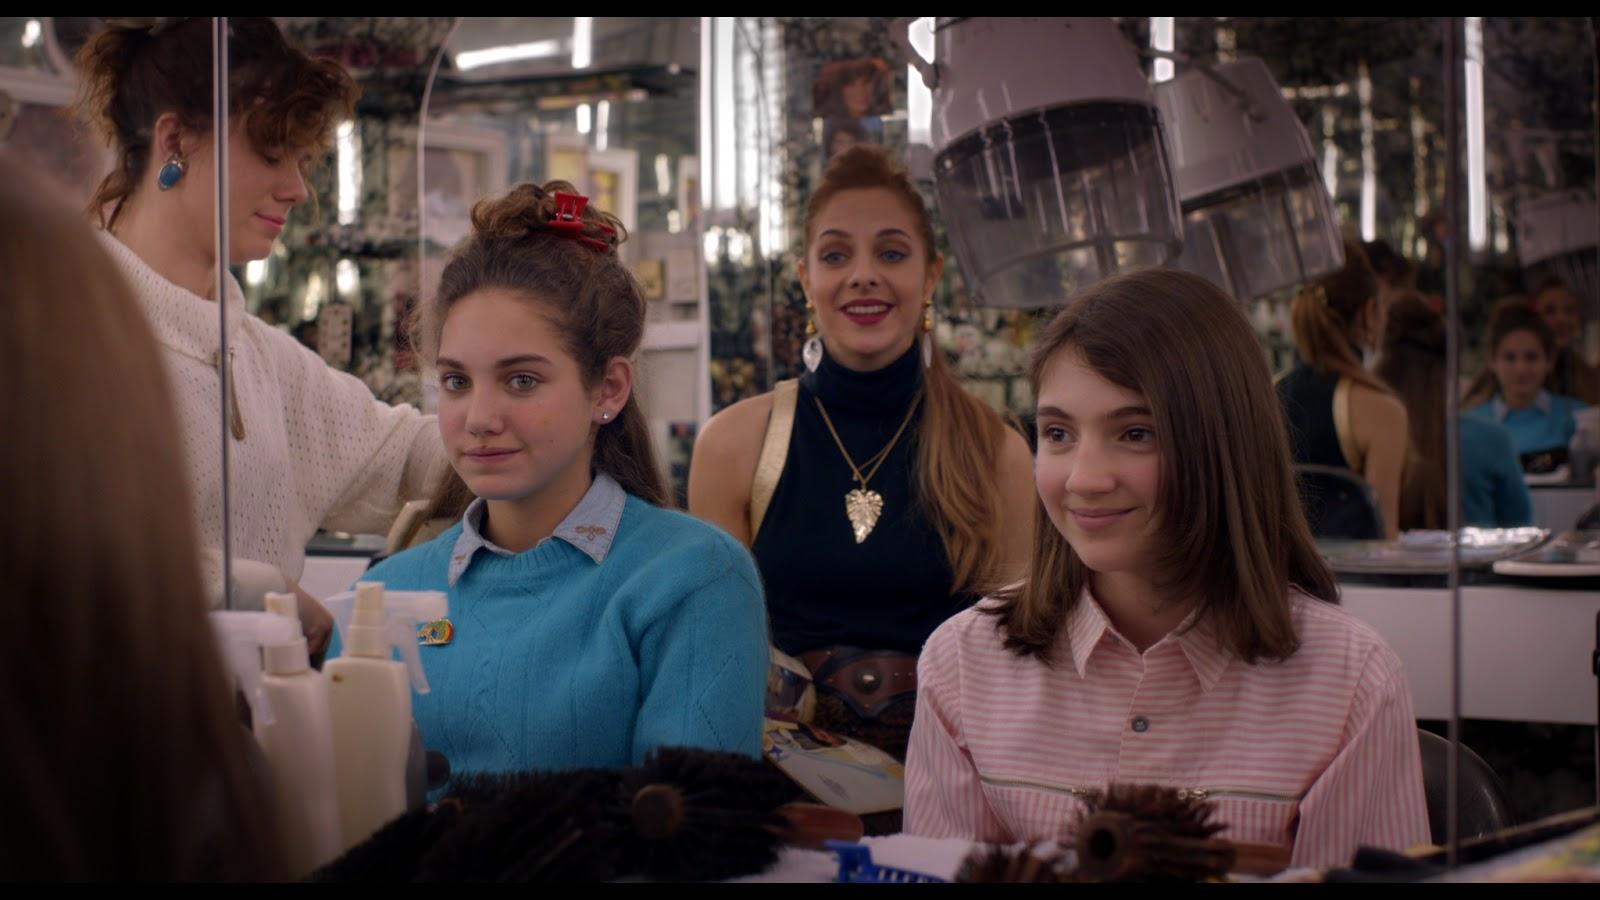 """Resenha: """"O futuro adiante"""" retrata a amizade entre duas mulheres de forma nada competitiva"""